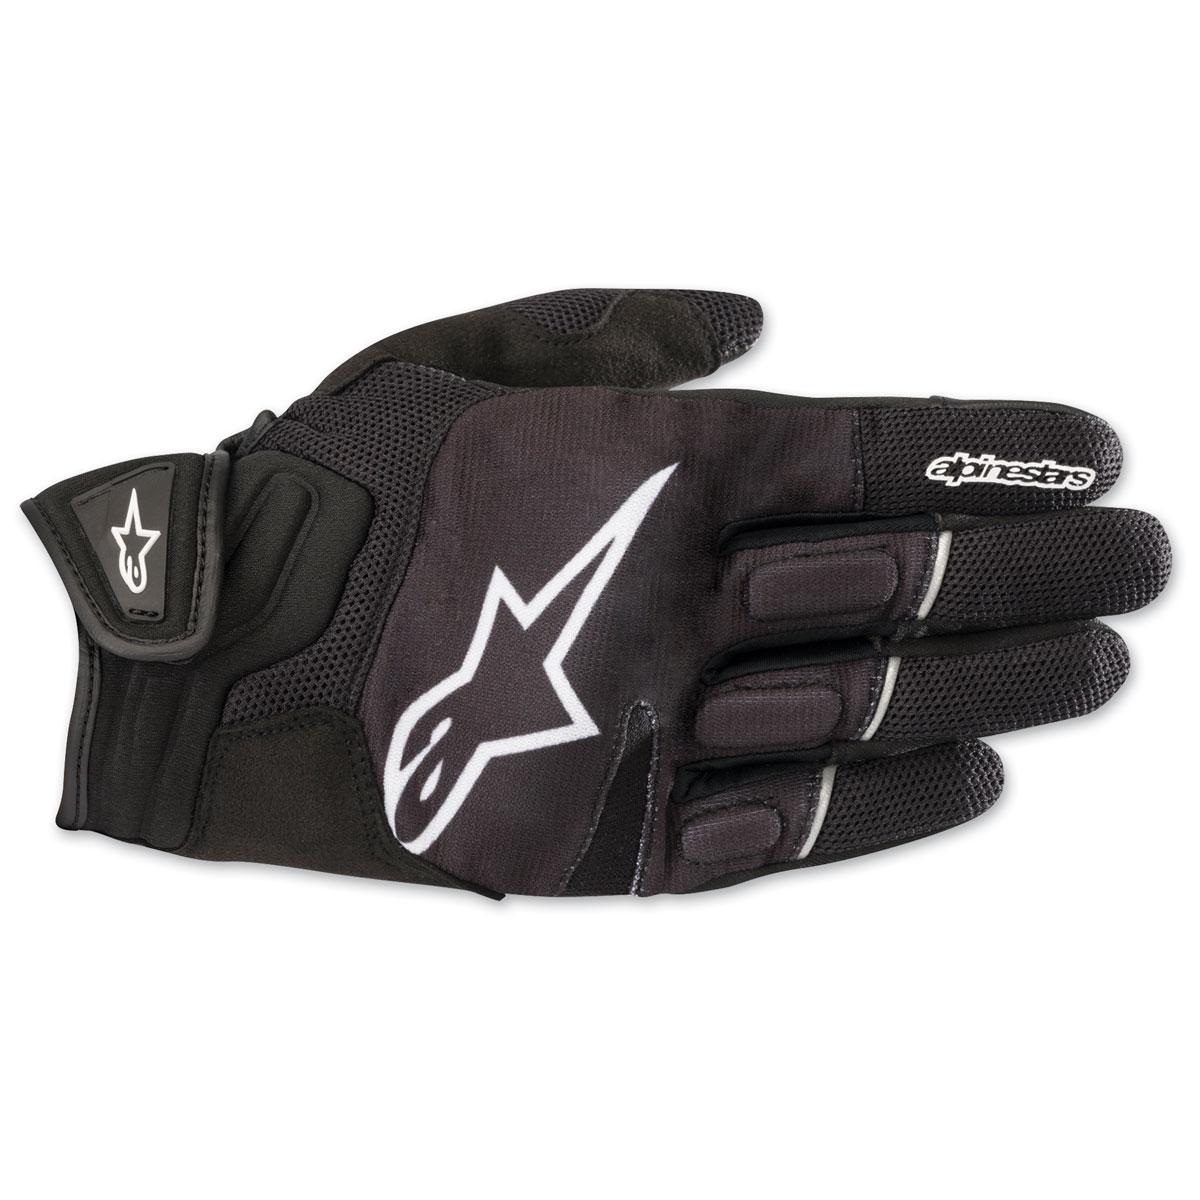 Alpinestars Men's Atom Black/White Gloves